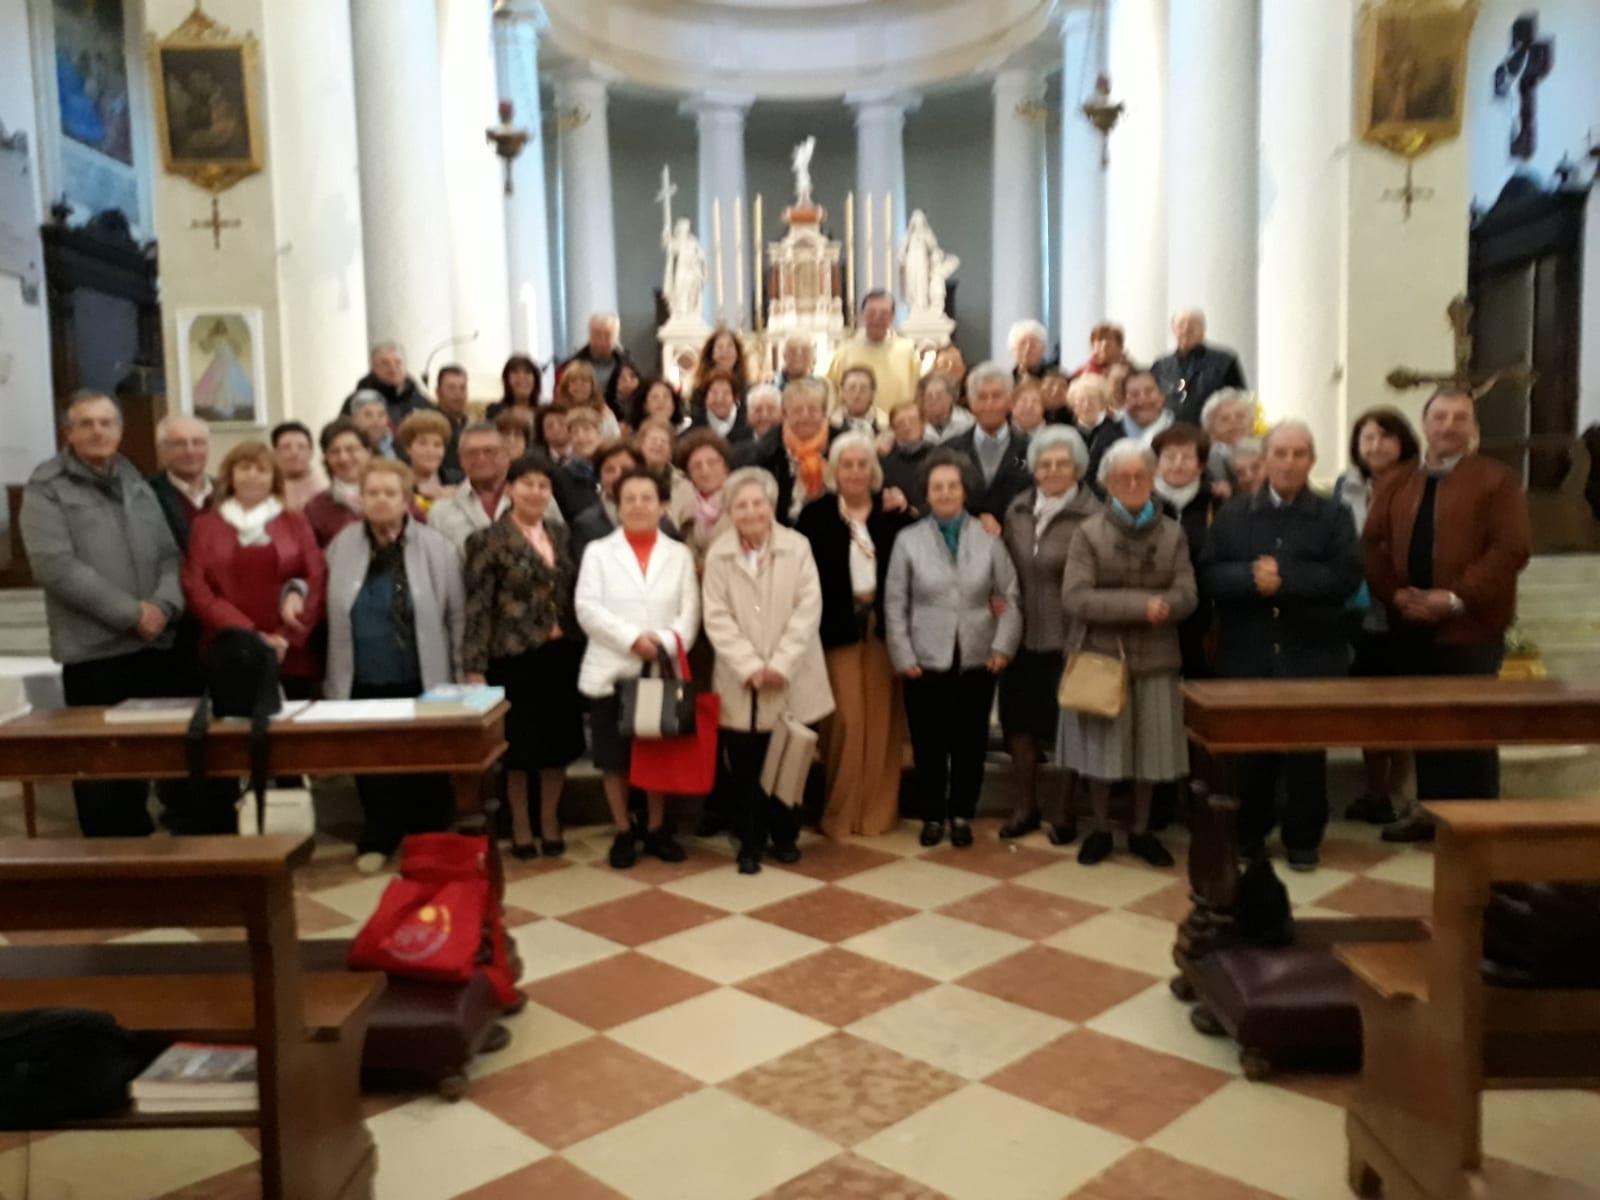 L'incontro zonale a Sant'Elena - PD il 28-4-19